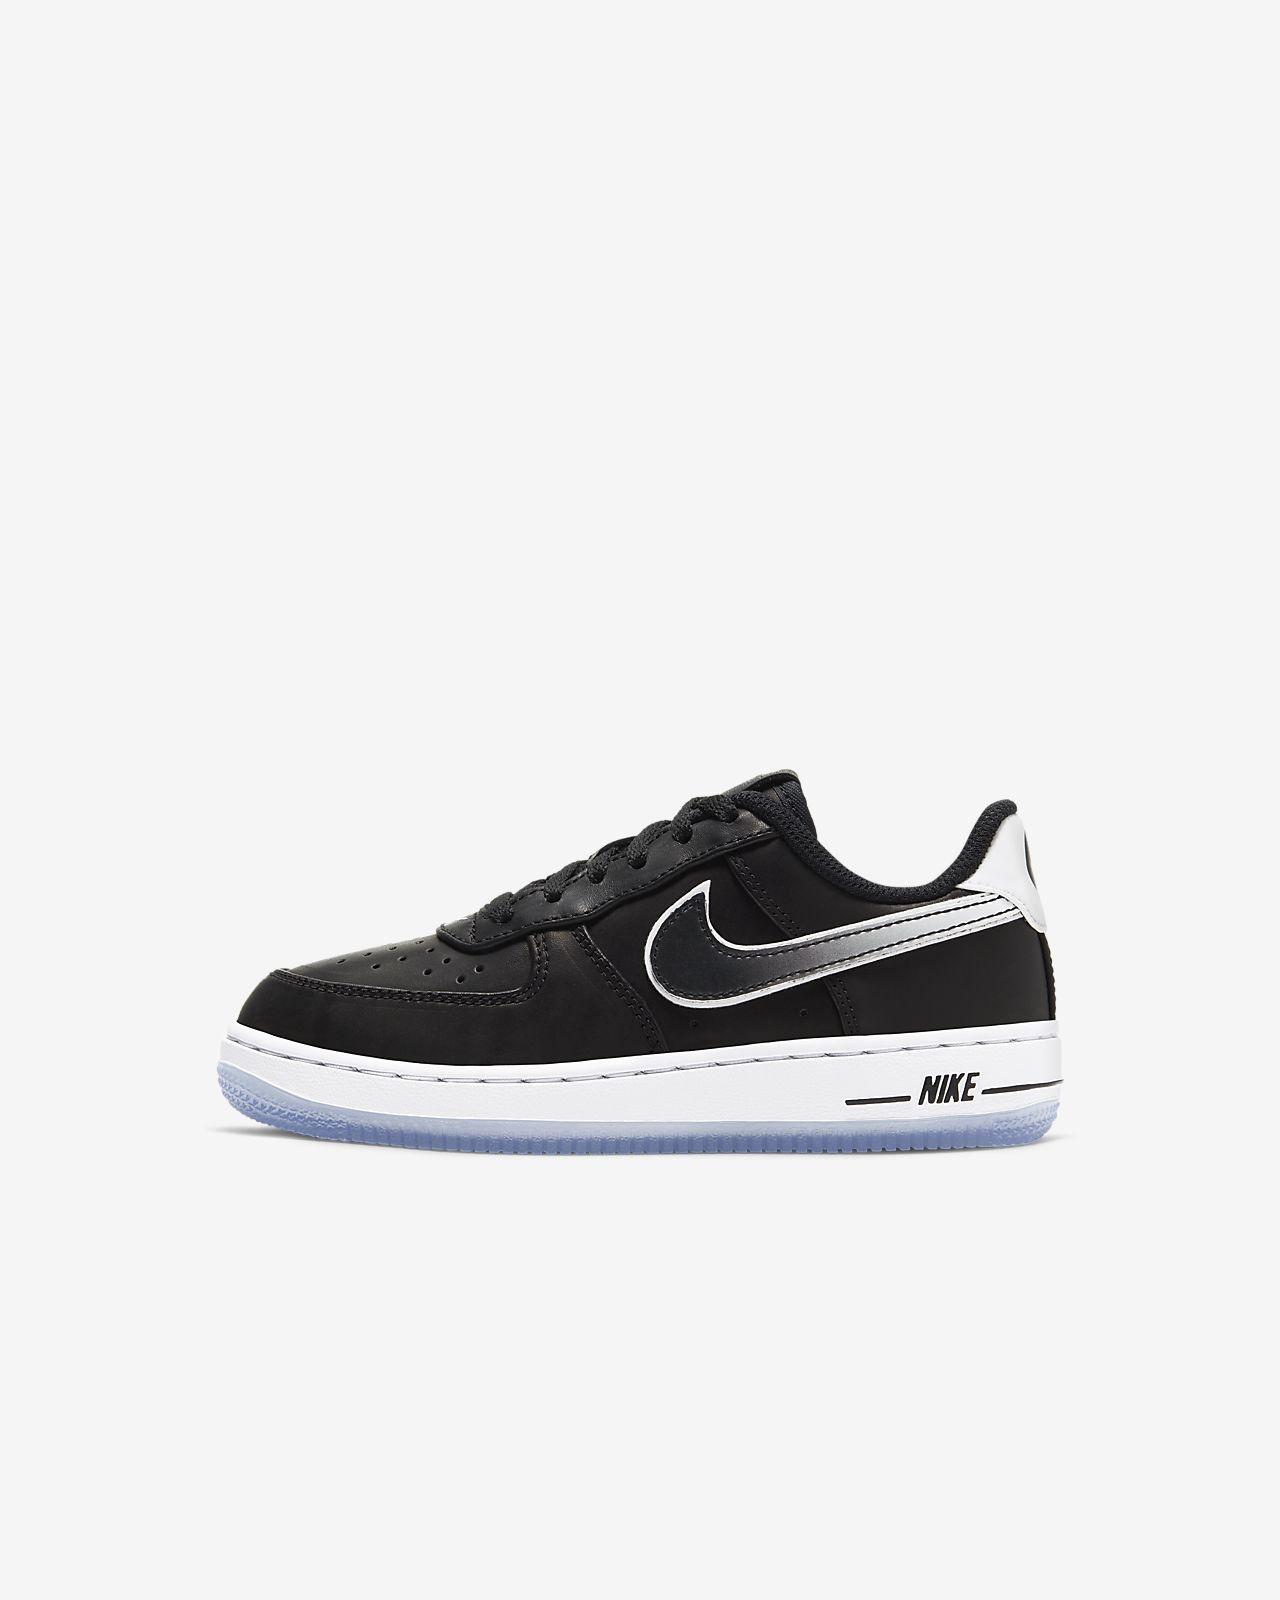 Colin Kaepernick x Nike AF1